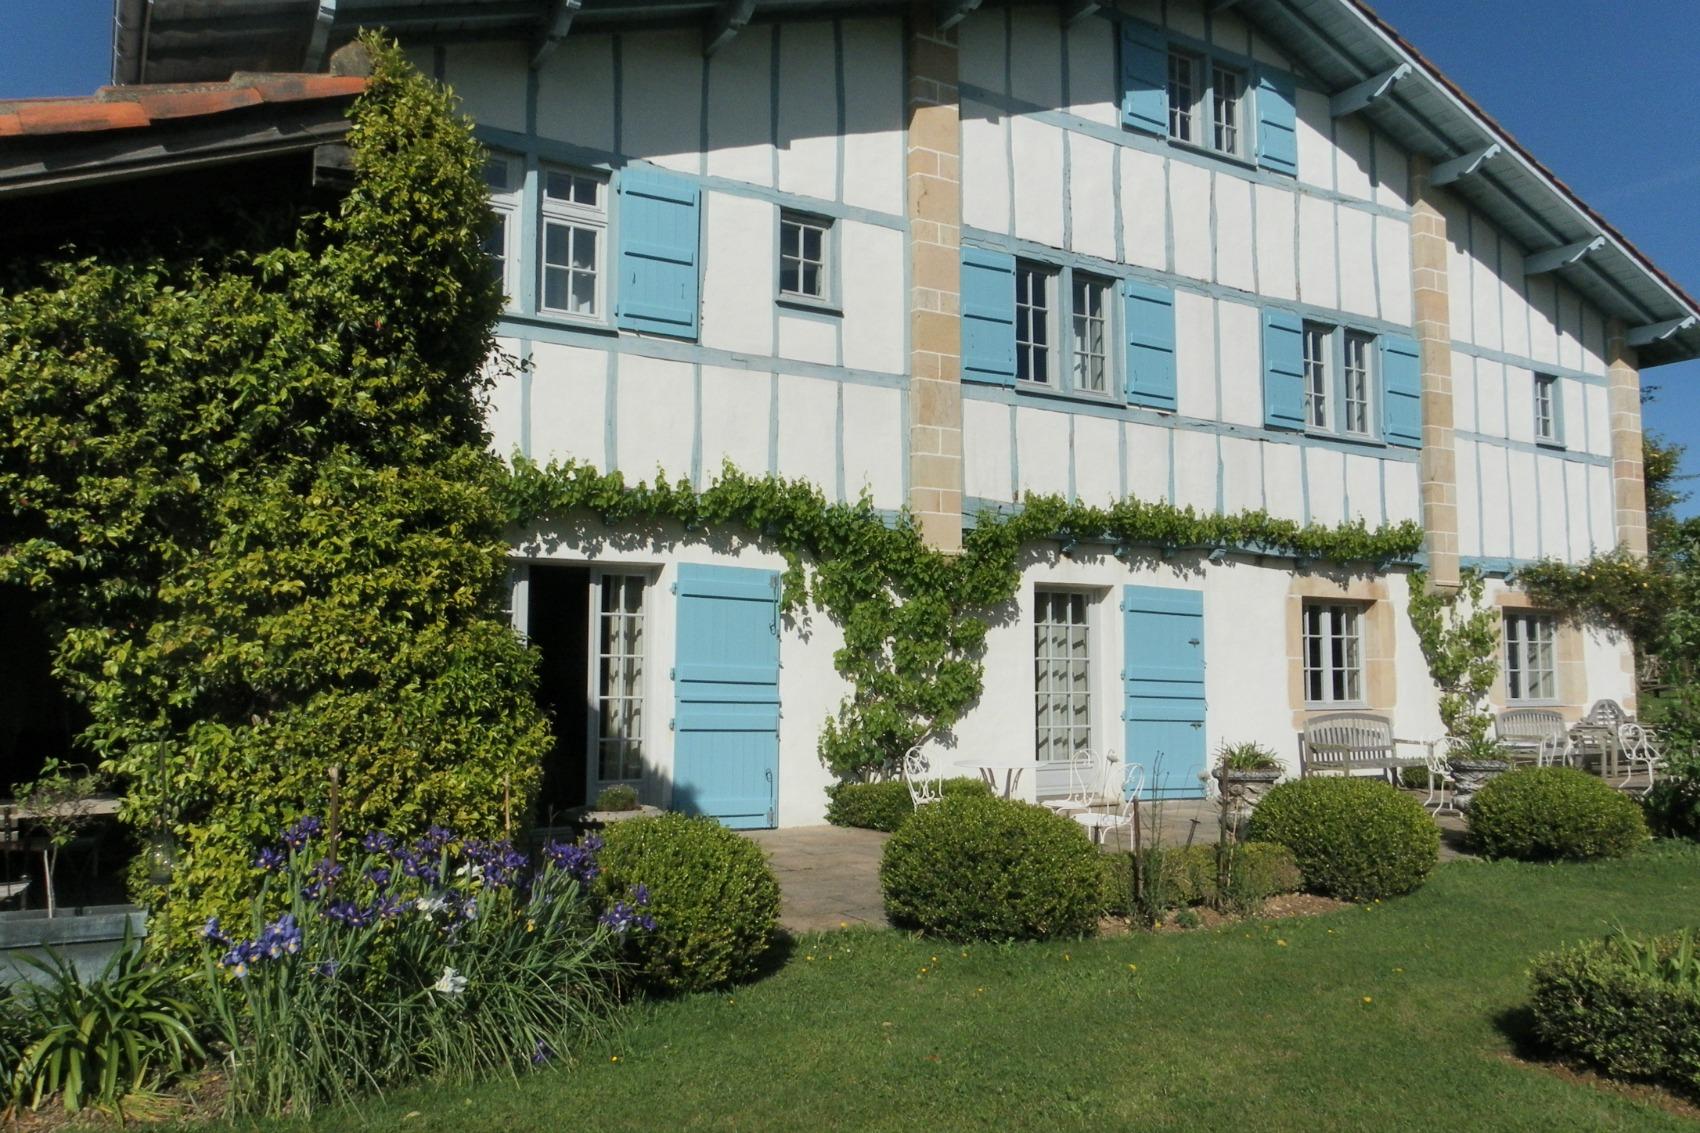 Services maison d h´tes Biarritz